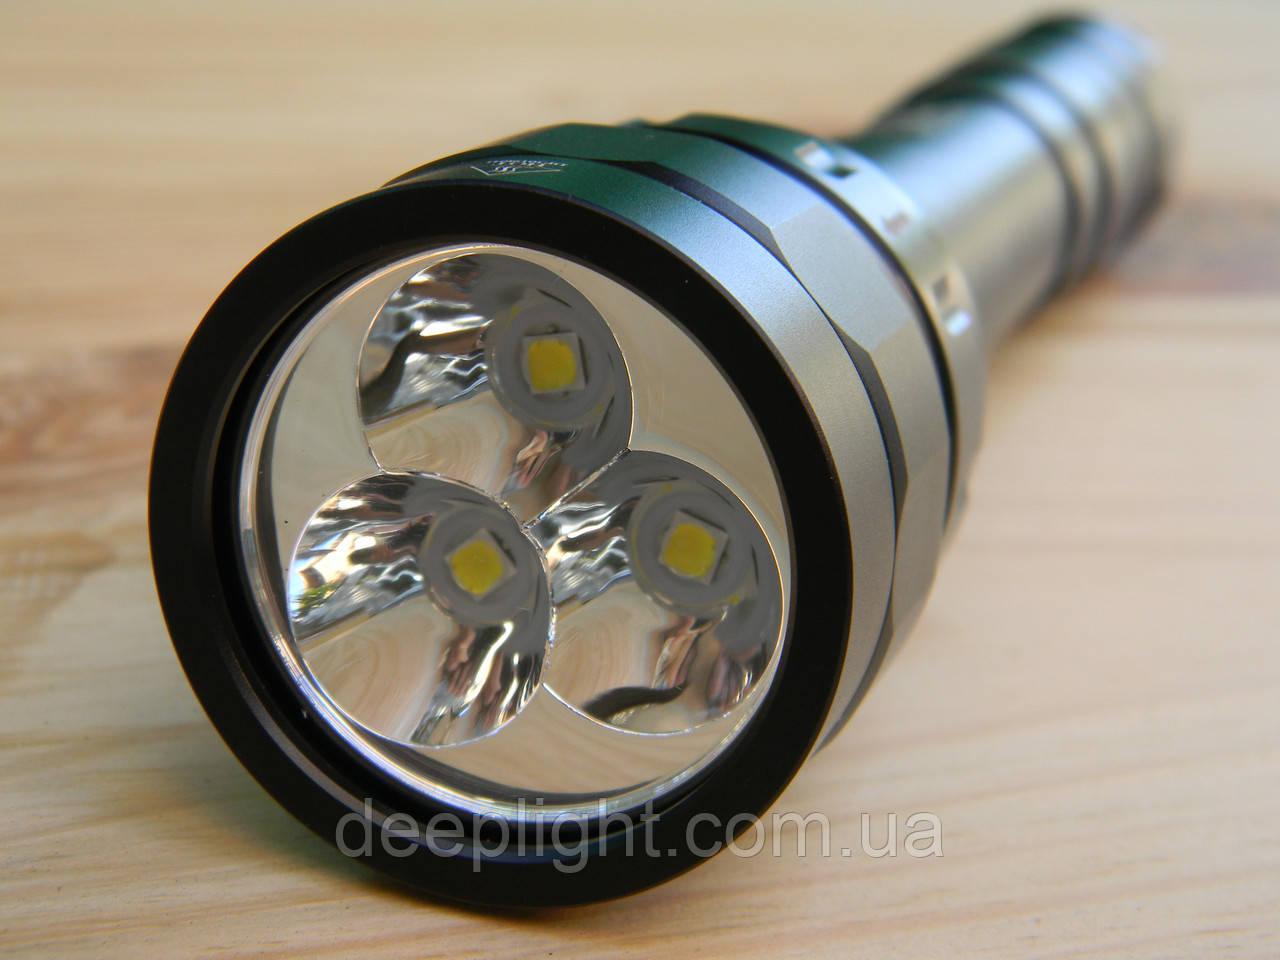 Яскравий і потужний ліхтар для дайвінгу та підводного полювання Sofirn DF30 Cree XPL-HI